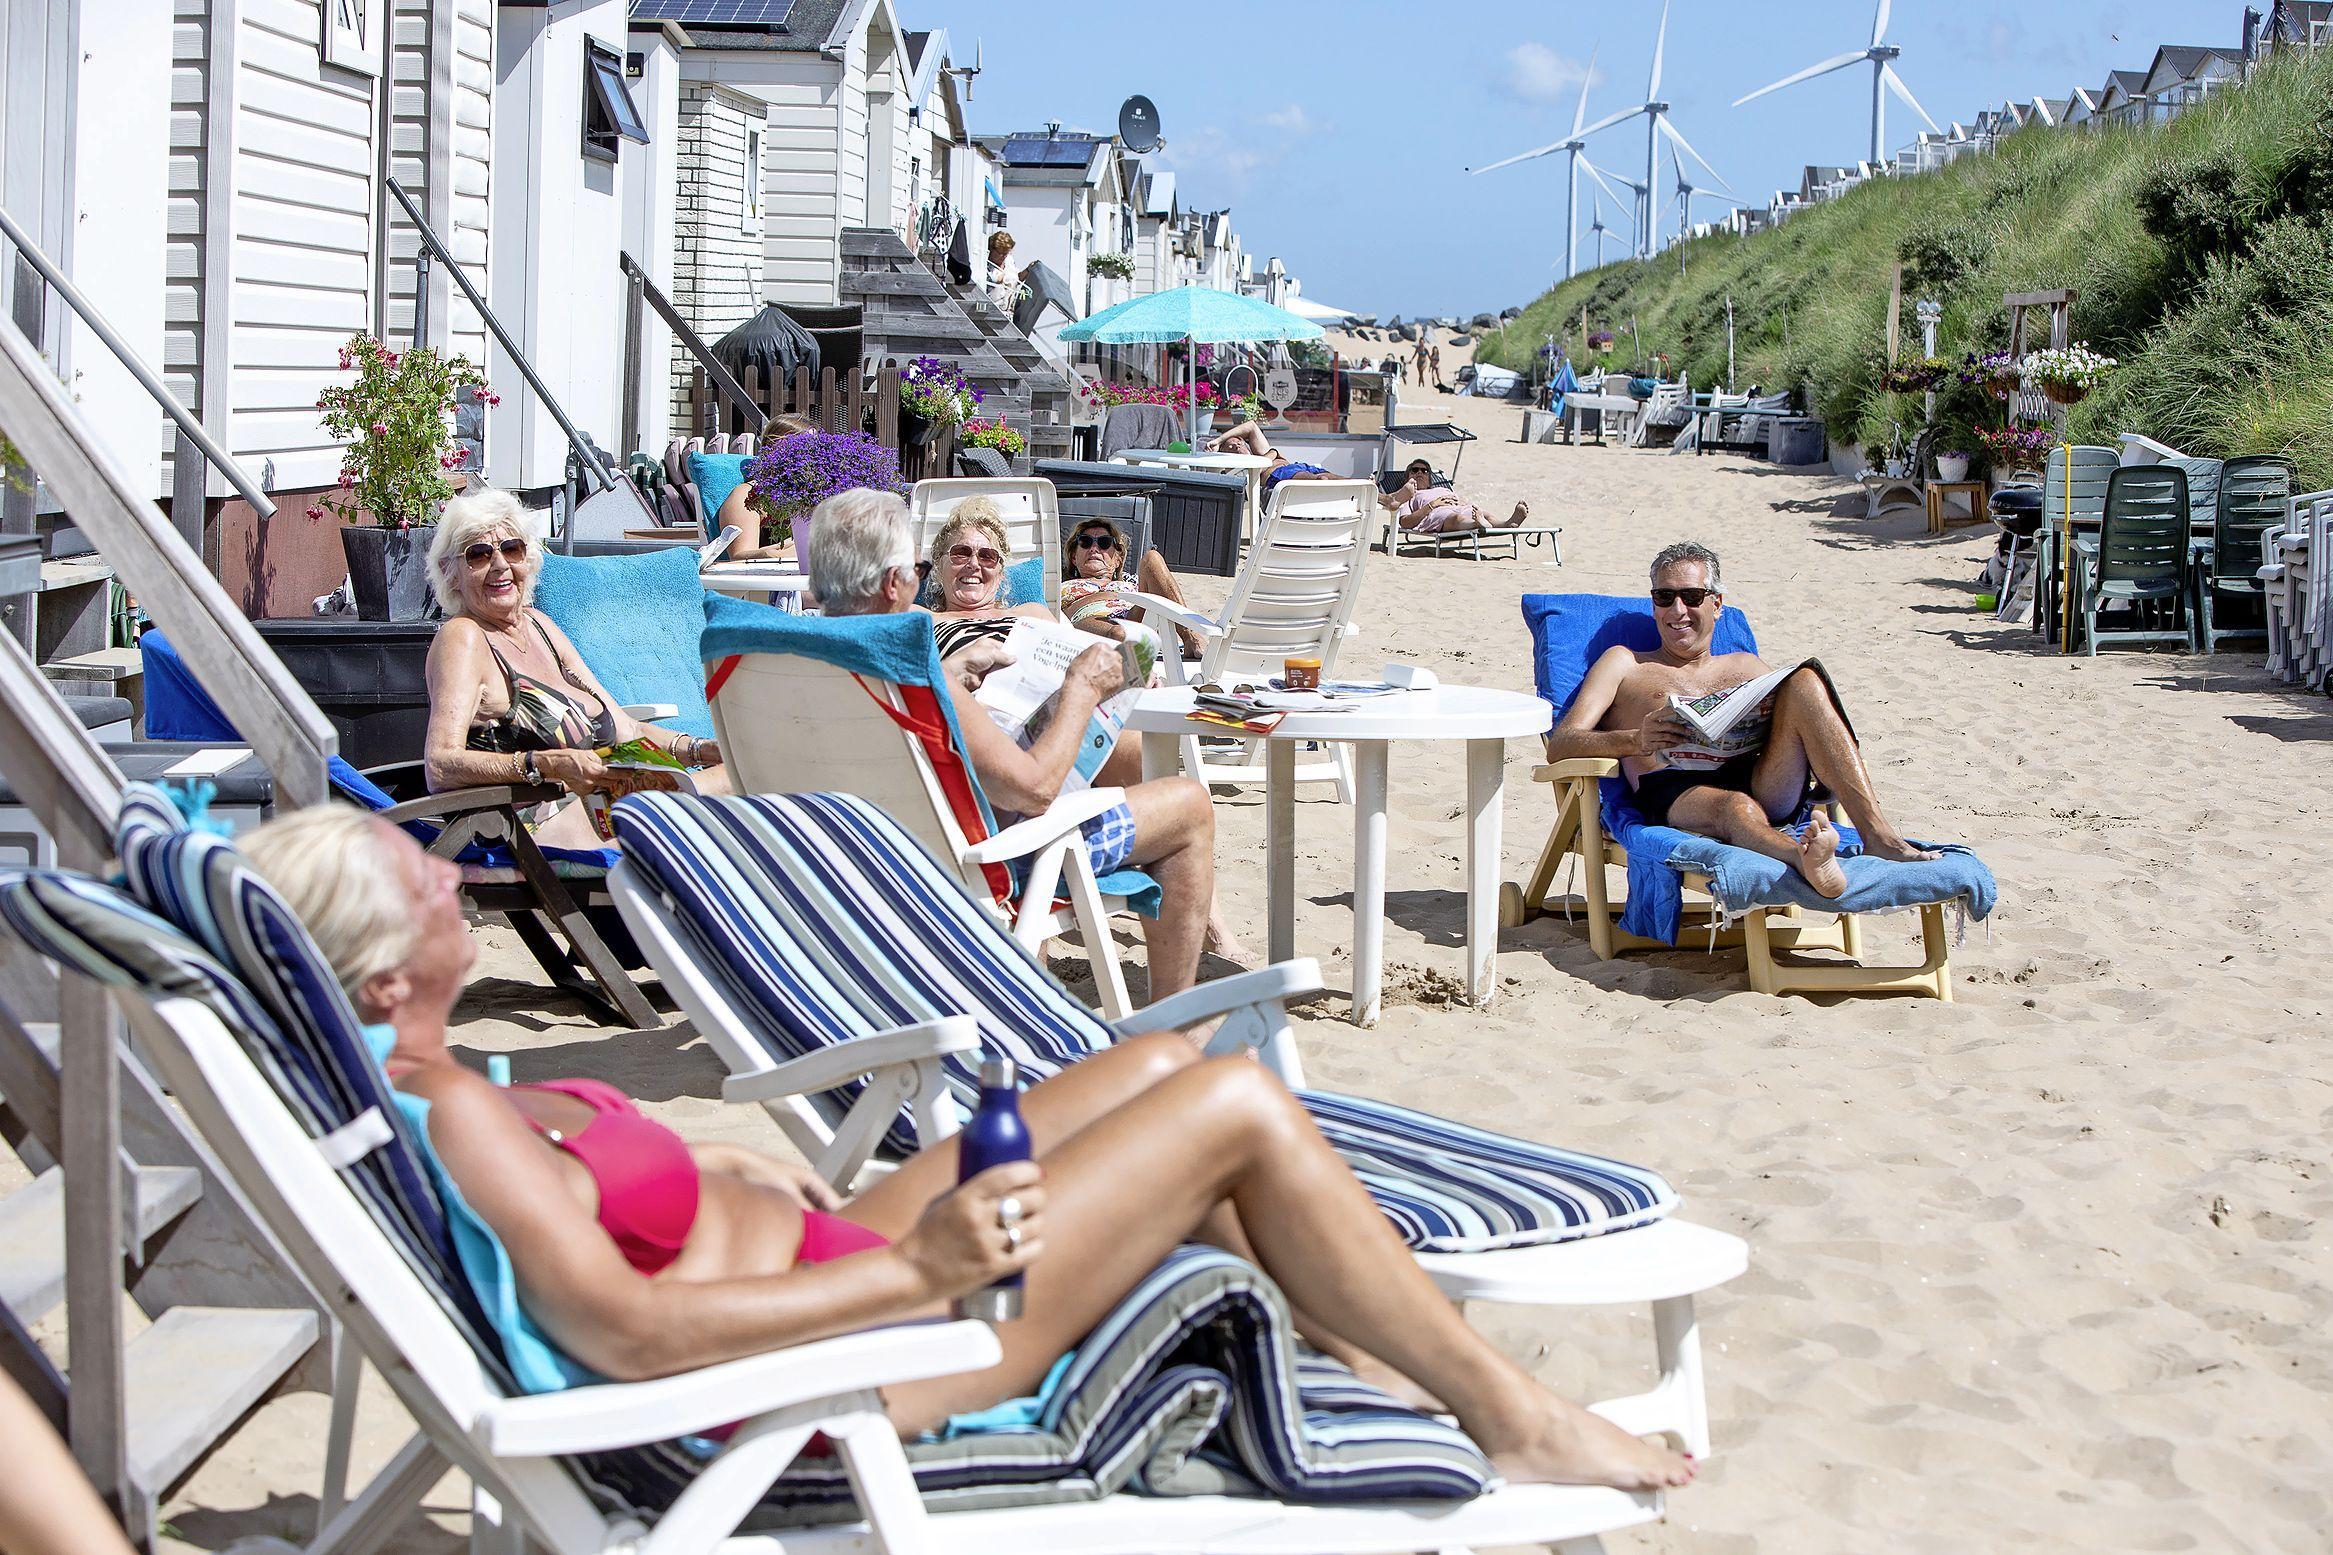 Met een strandhuis is het elke dag vakantie: 'Zodra je op het strand bent, valt alles van je af'